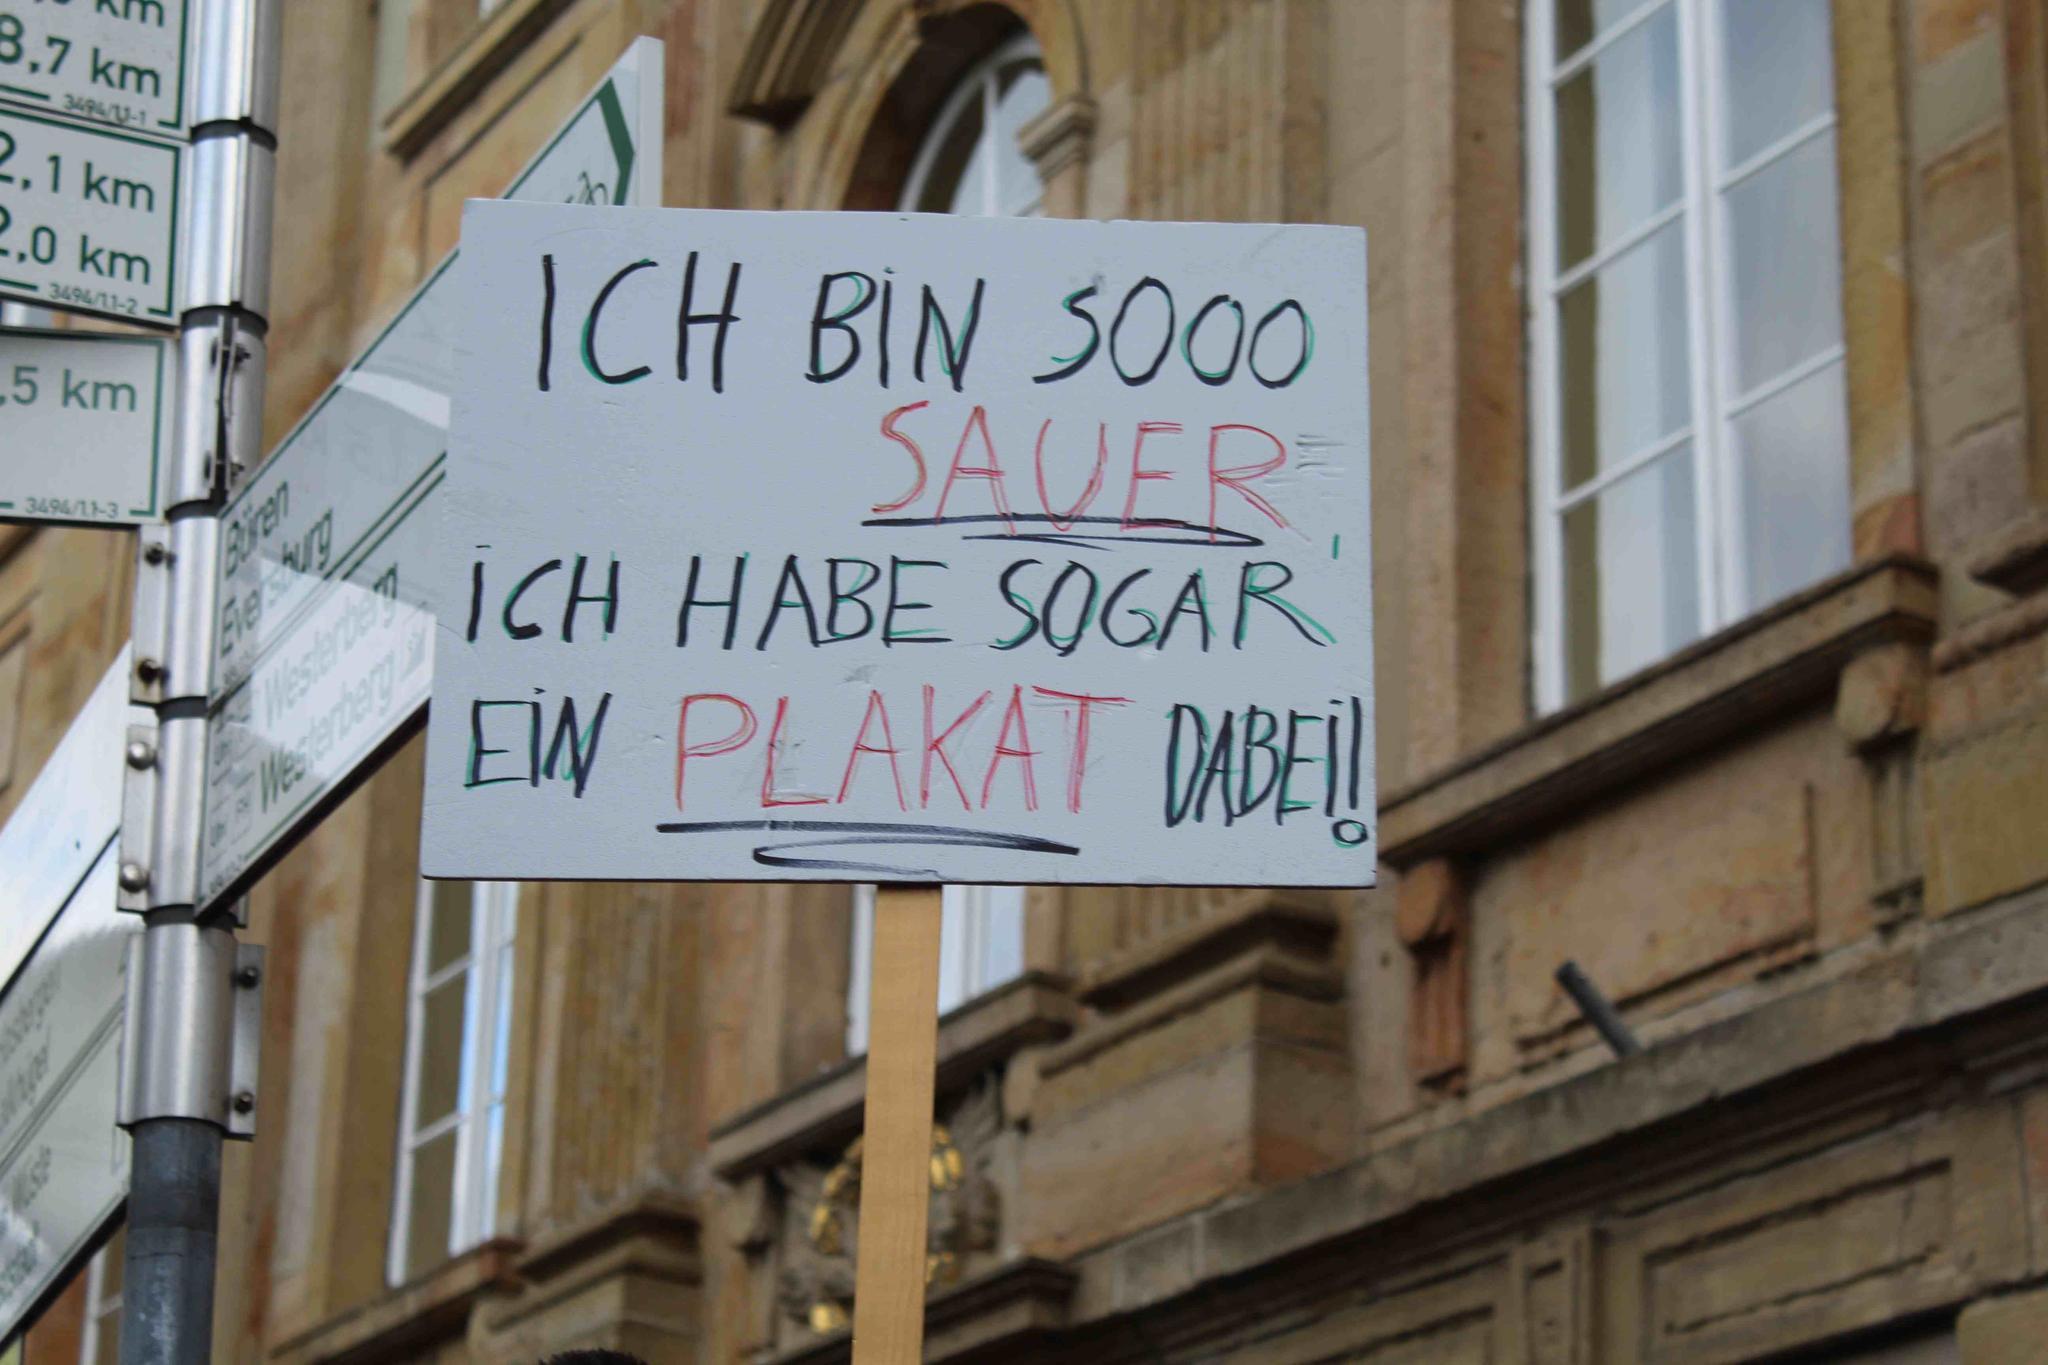 Sauer-Schild